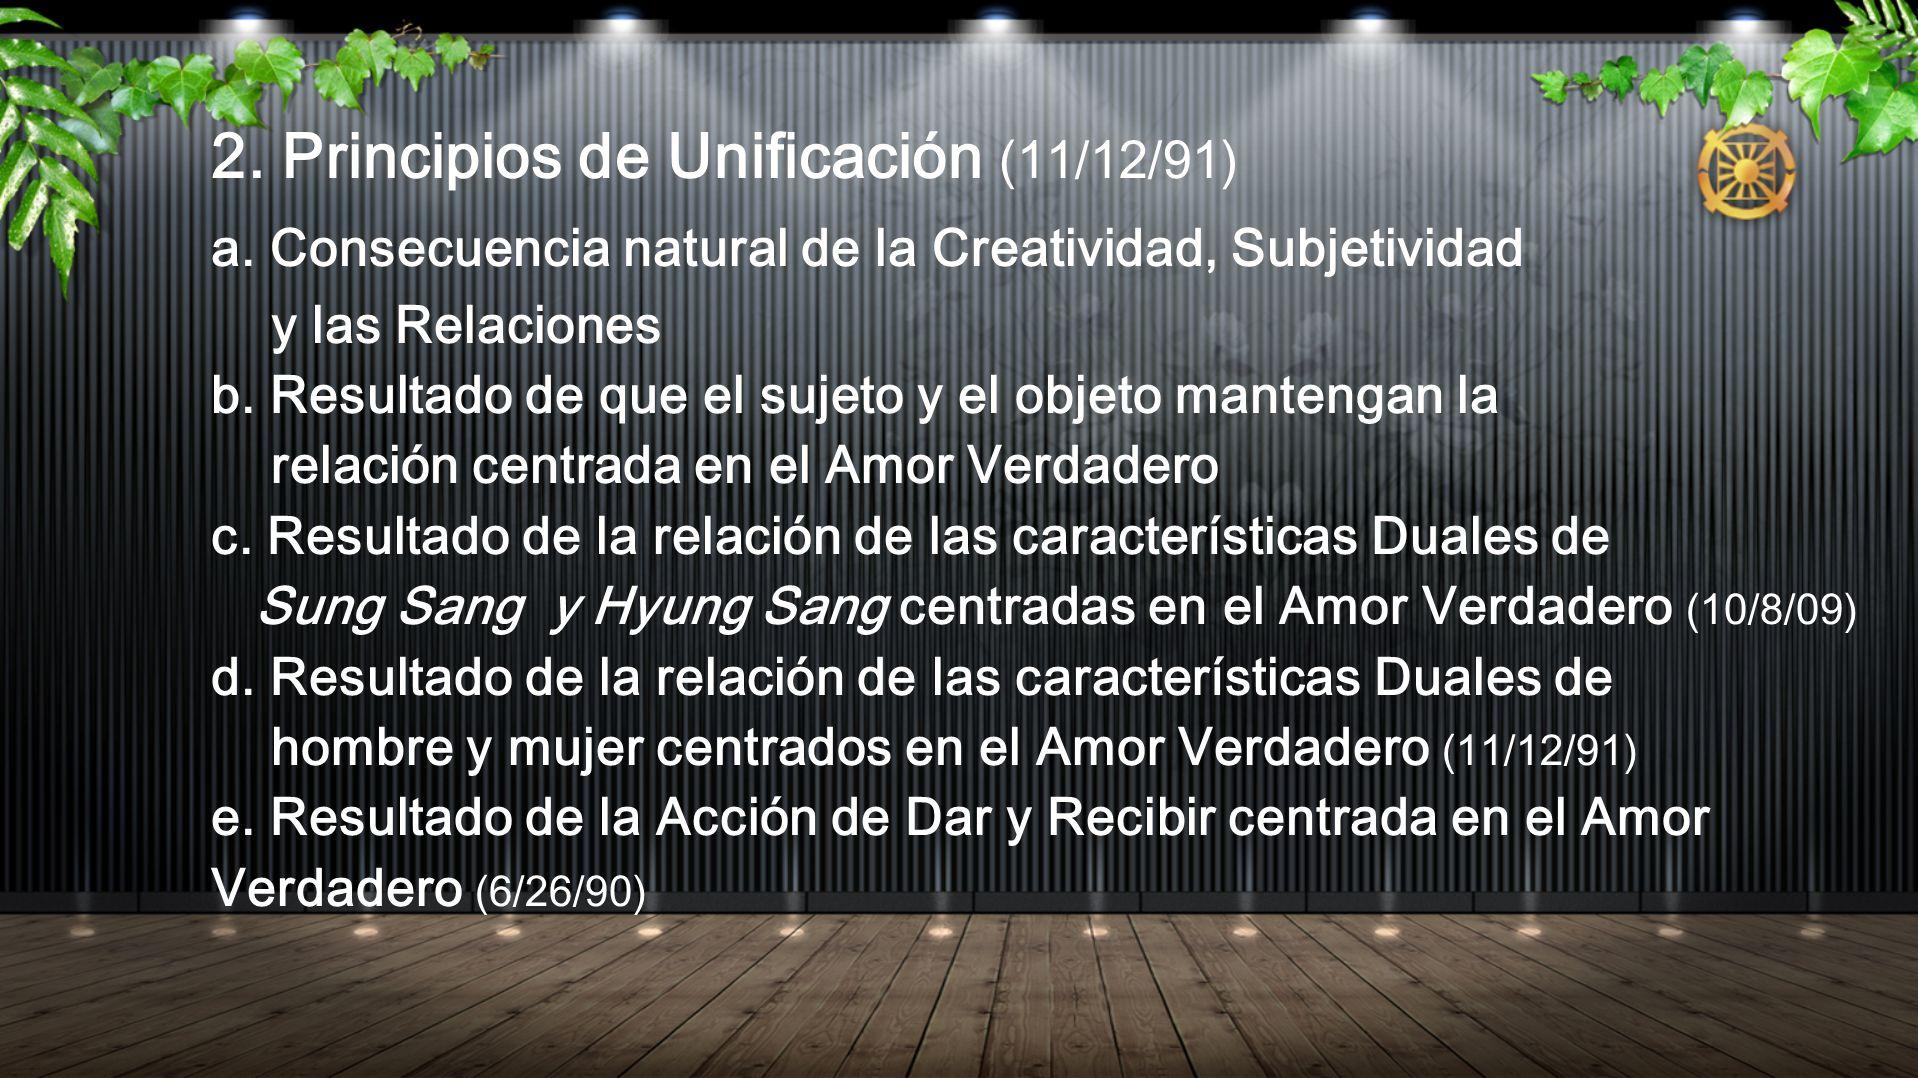 2. Principios de Unificación (11/12/91) a. Consecuencia natural de la Creatividad, Subjetividad y las Relaciones b. Resultado de que el sujeto y el ob